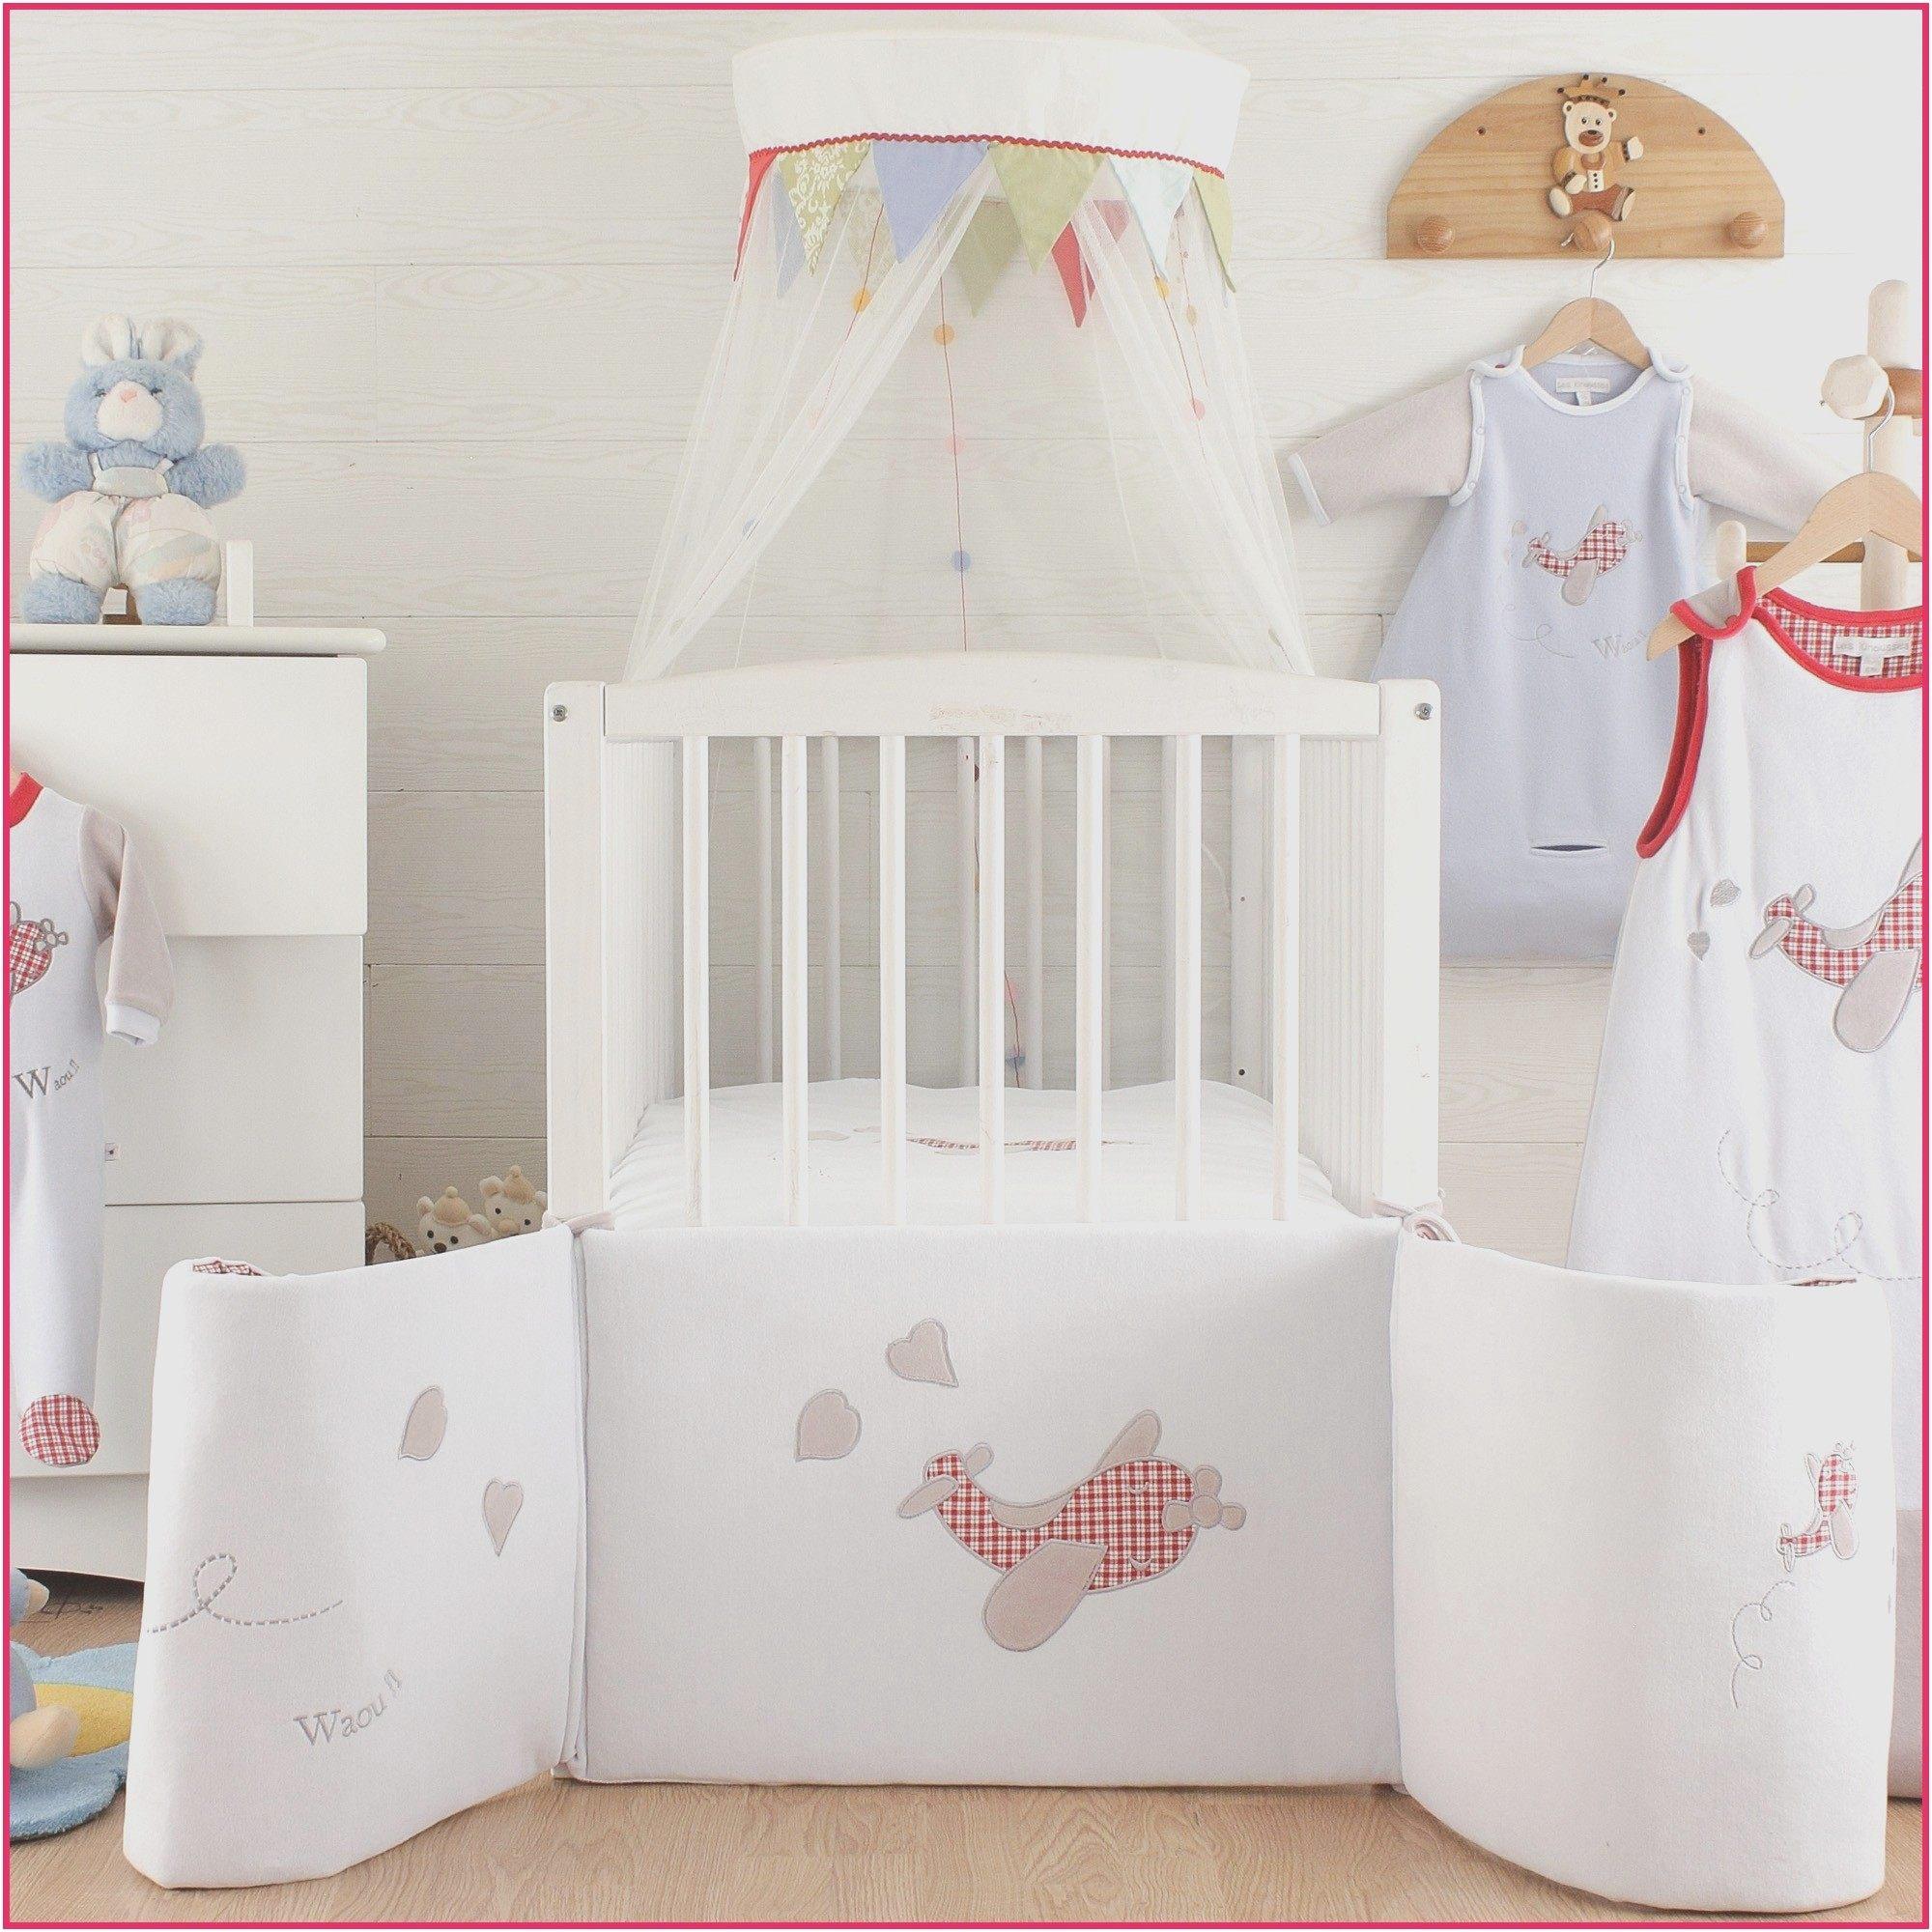 lit b b bois blanc meilleur de chaise haute b b leclerc. Black Bedroom Furniture Sets. Home Design Ideas